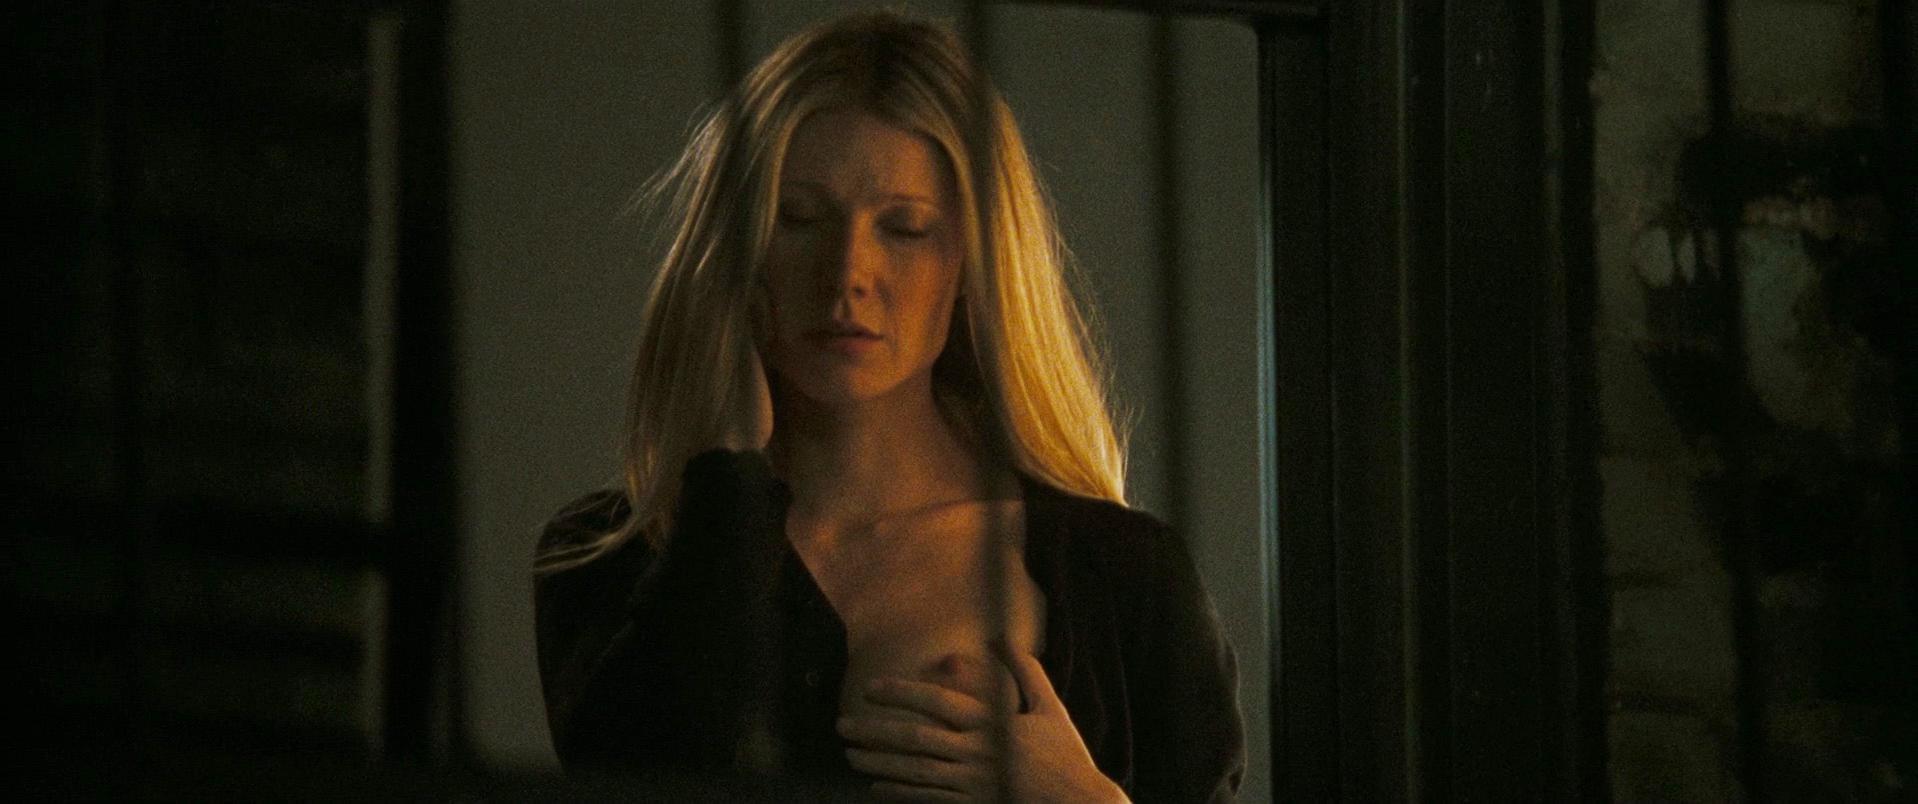 gwyneth paltrow nude video